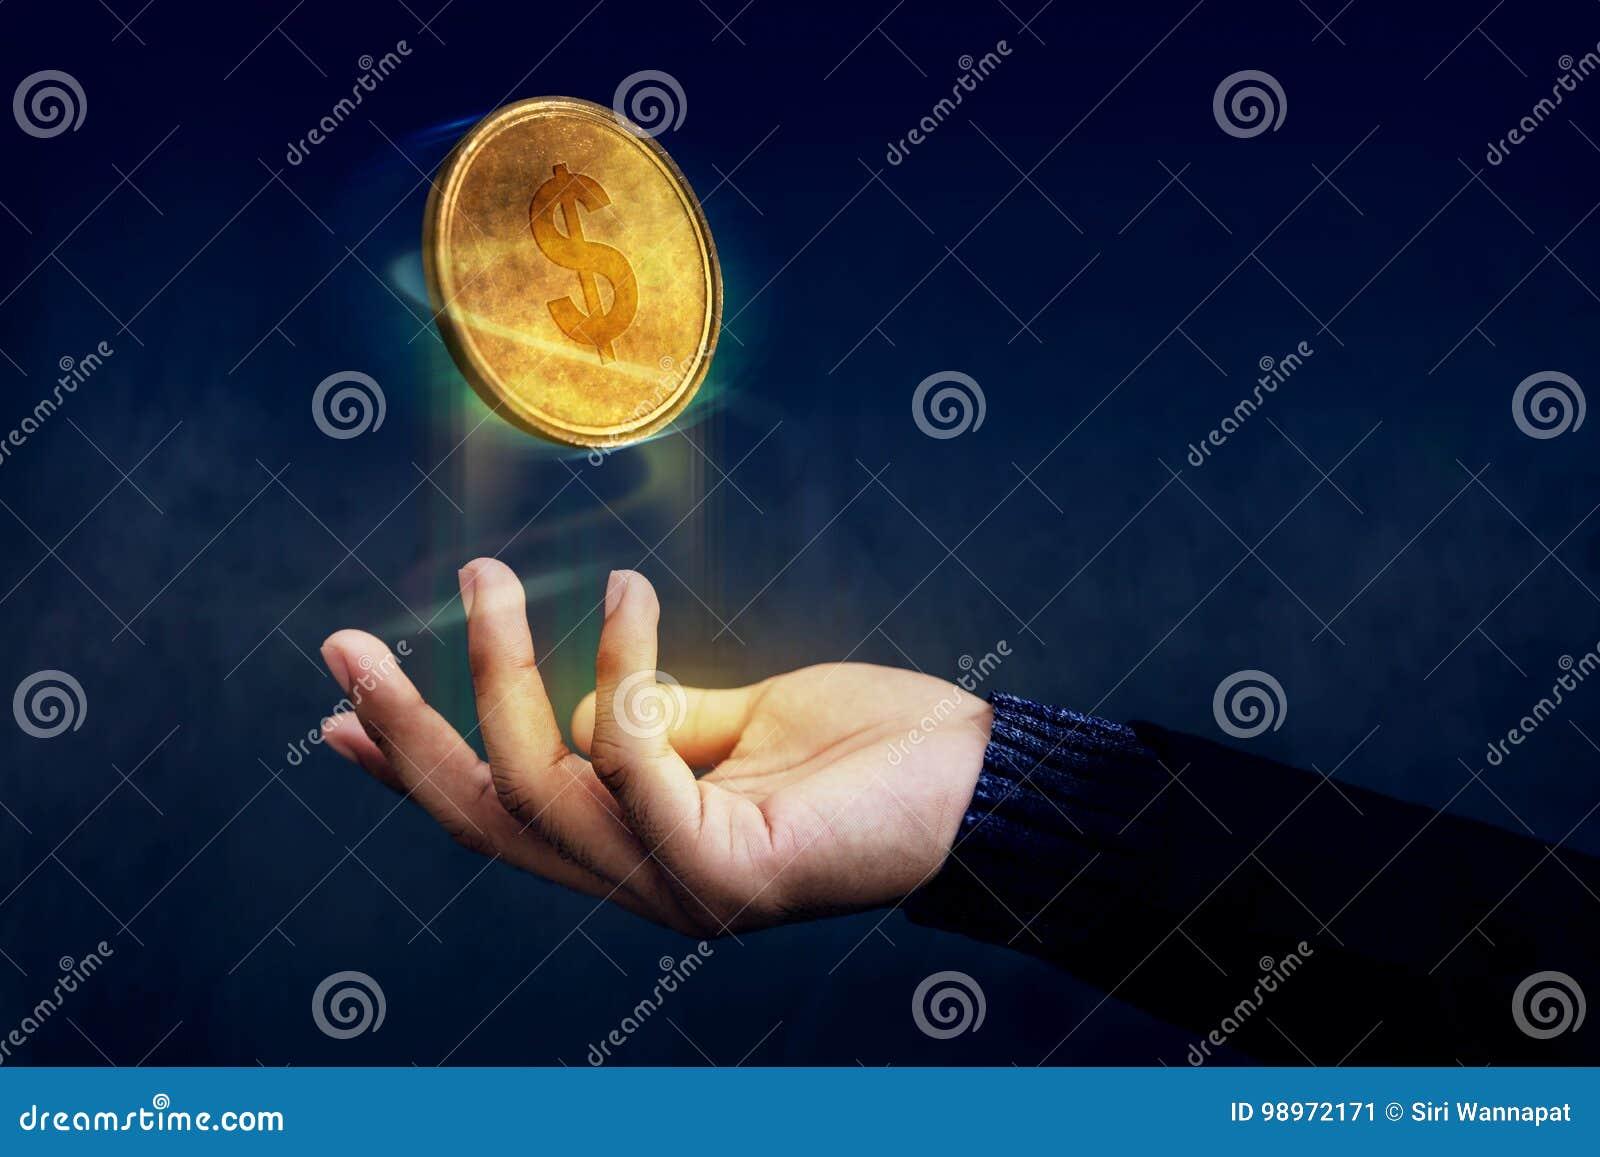 Finanziario o profitto come concetto facile, ove dorato del galleggiante della moneta dei soldi